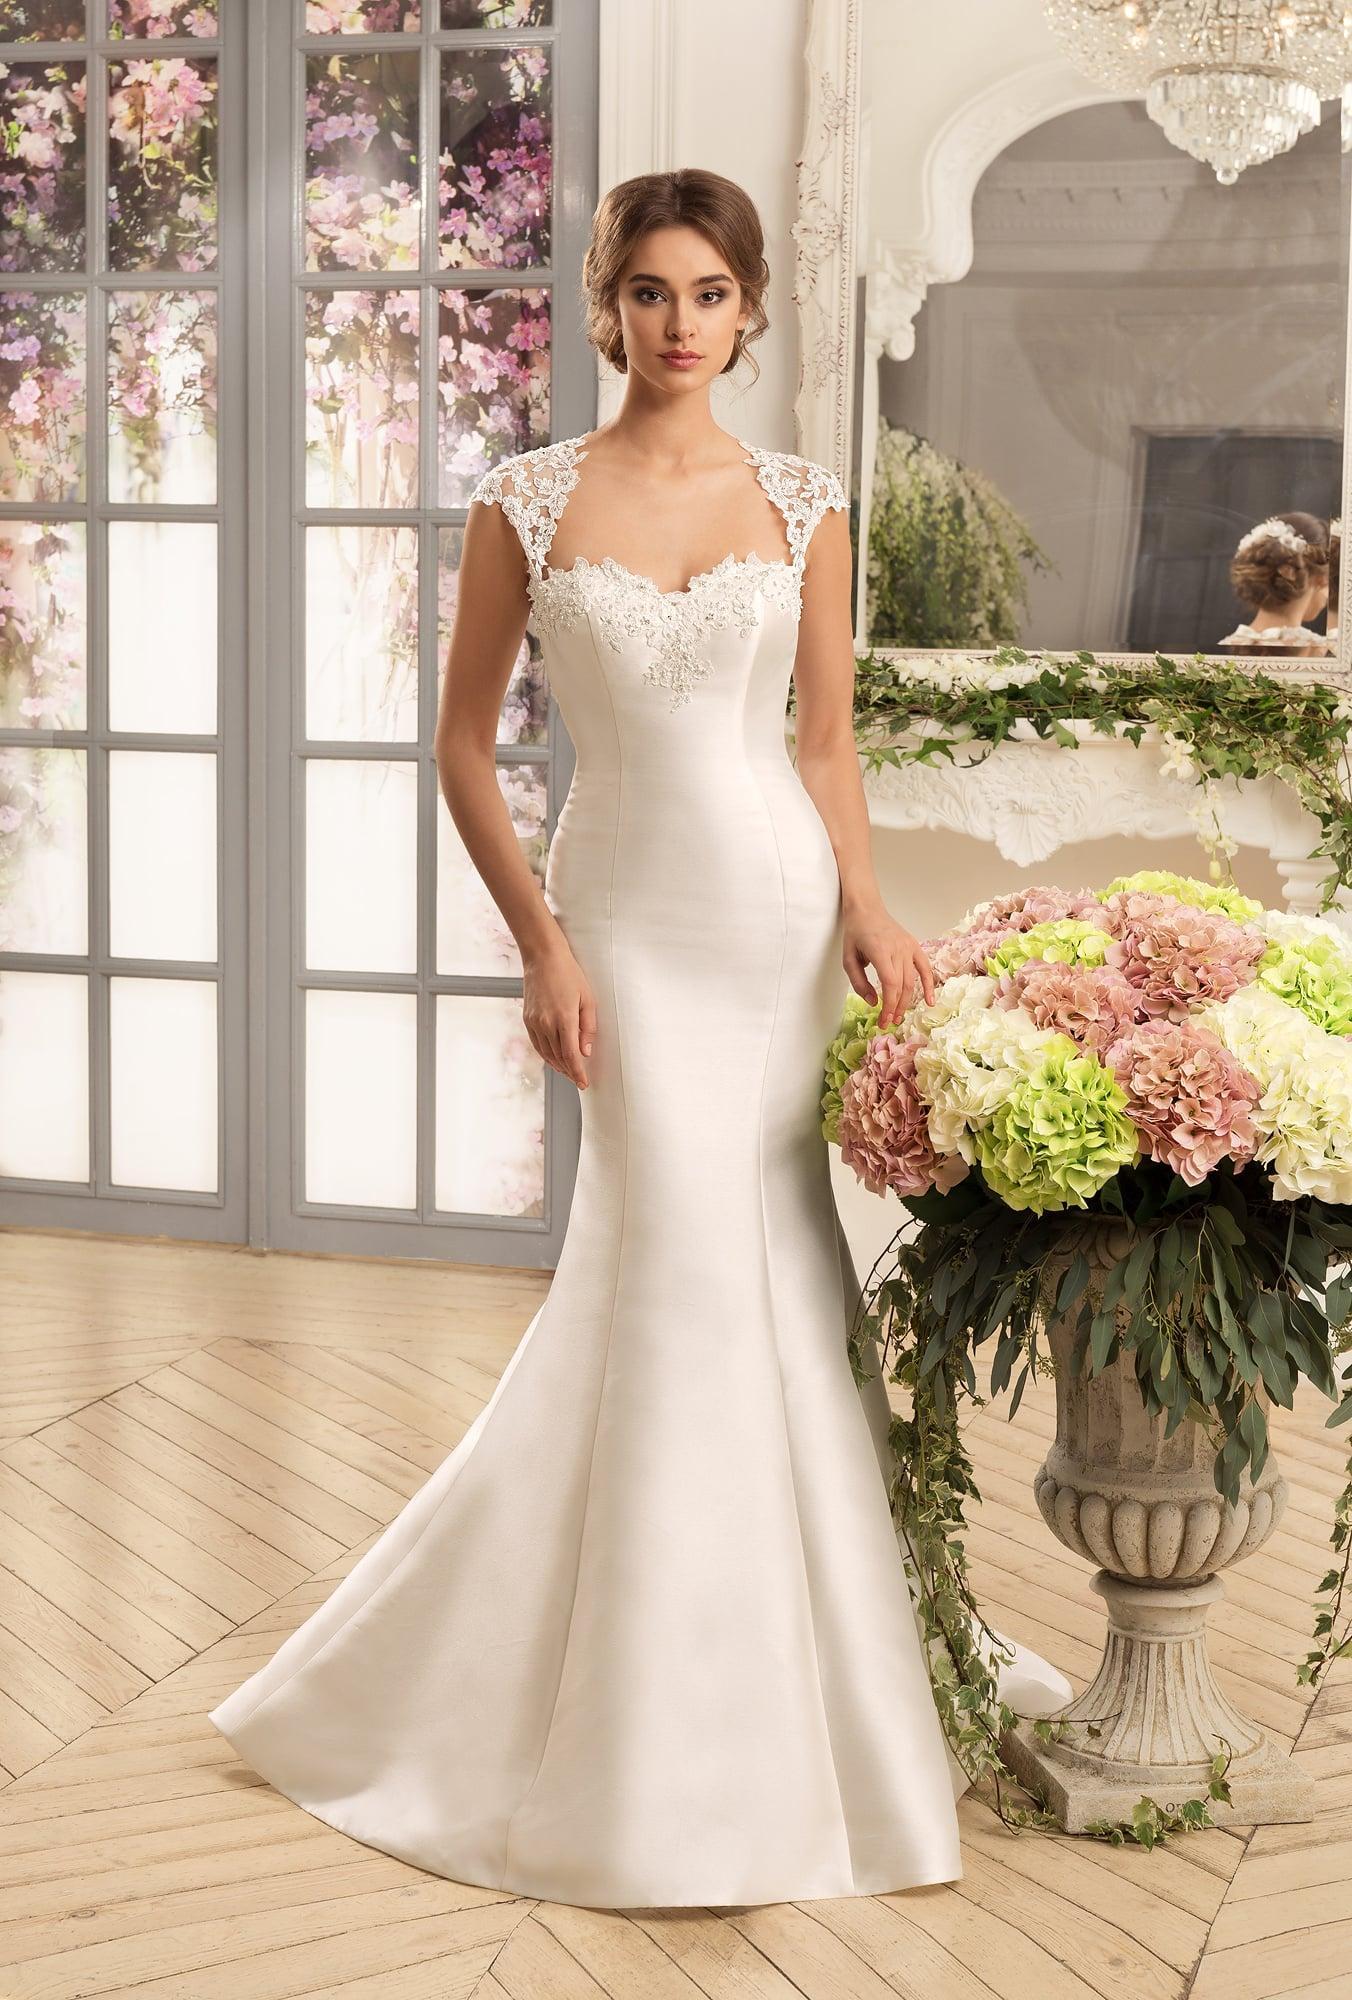 Atlasnoje_svadebnoe_platie (30)